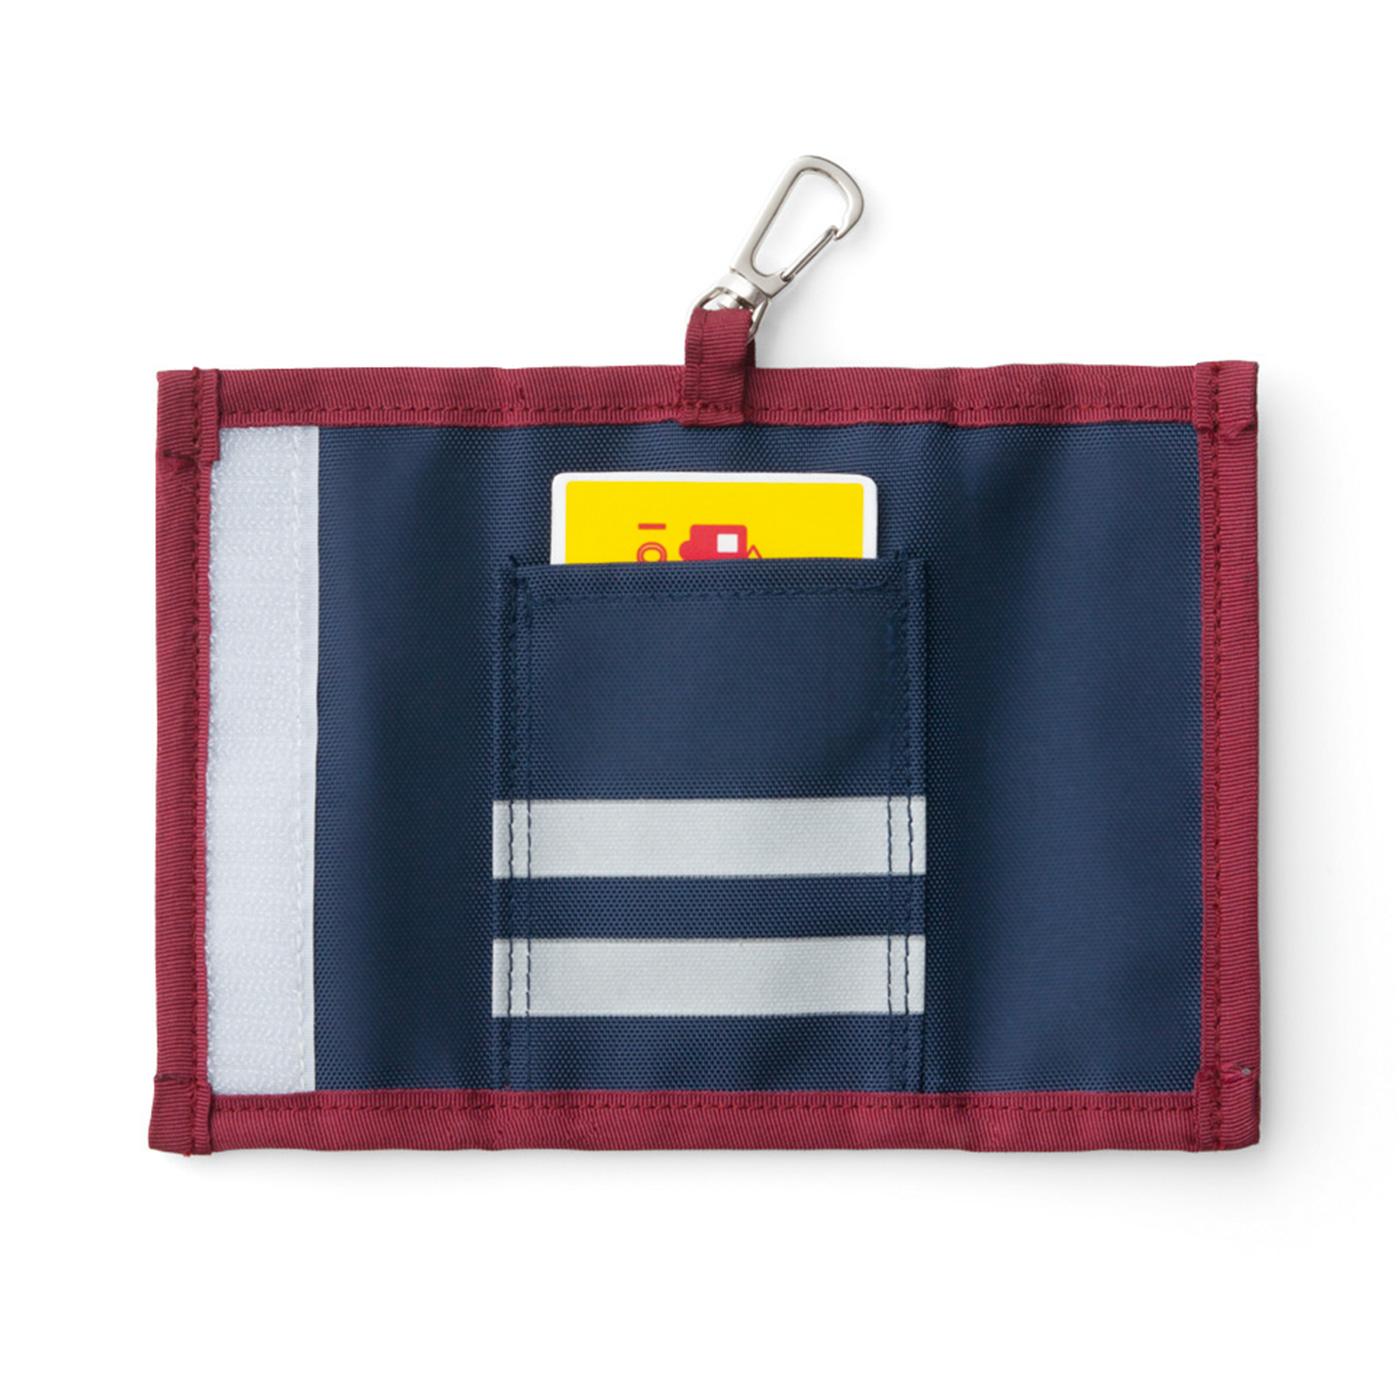 〈裏面〉カードポケット、反射プリント付き。リバーシブルで使えます。